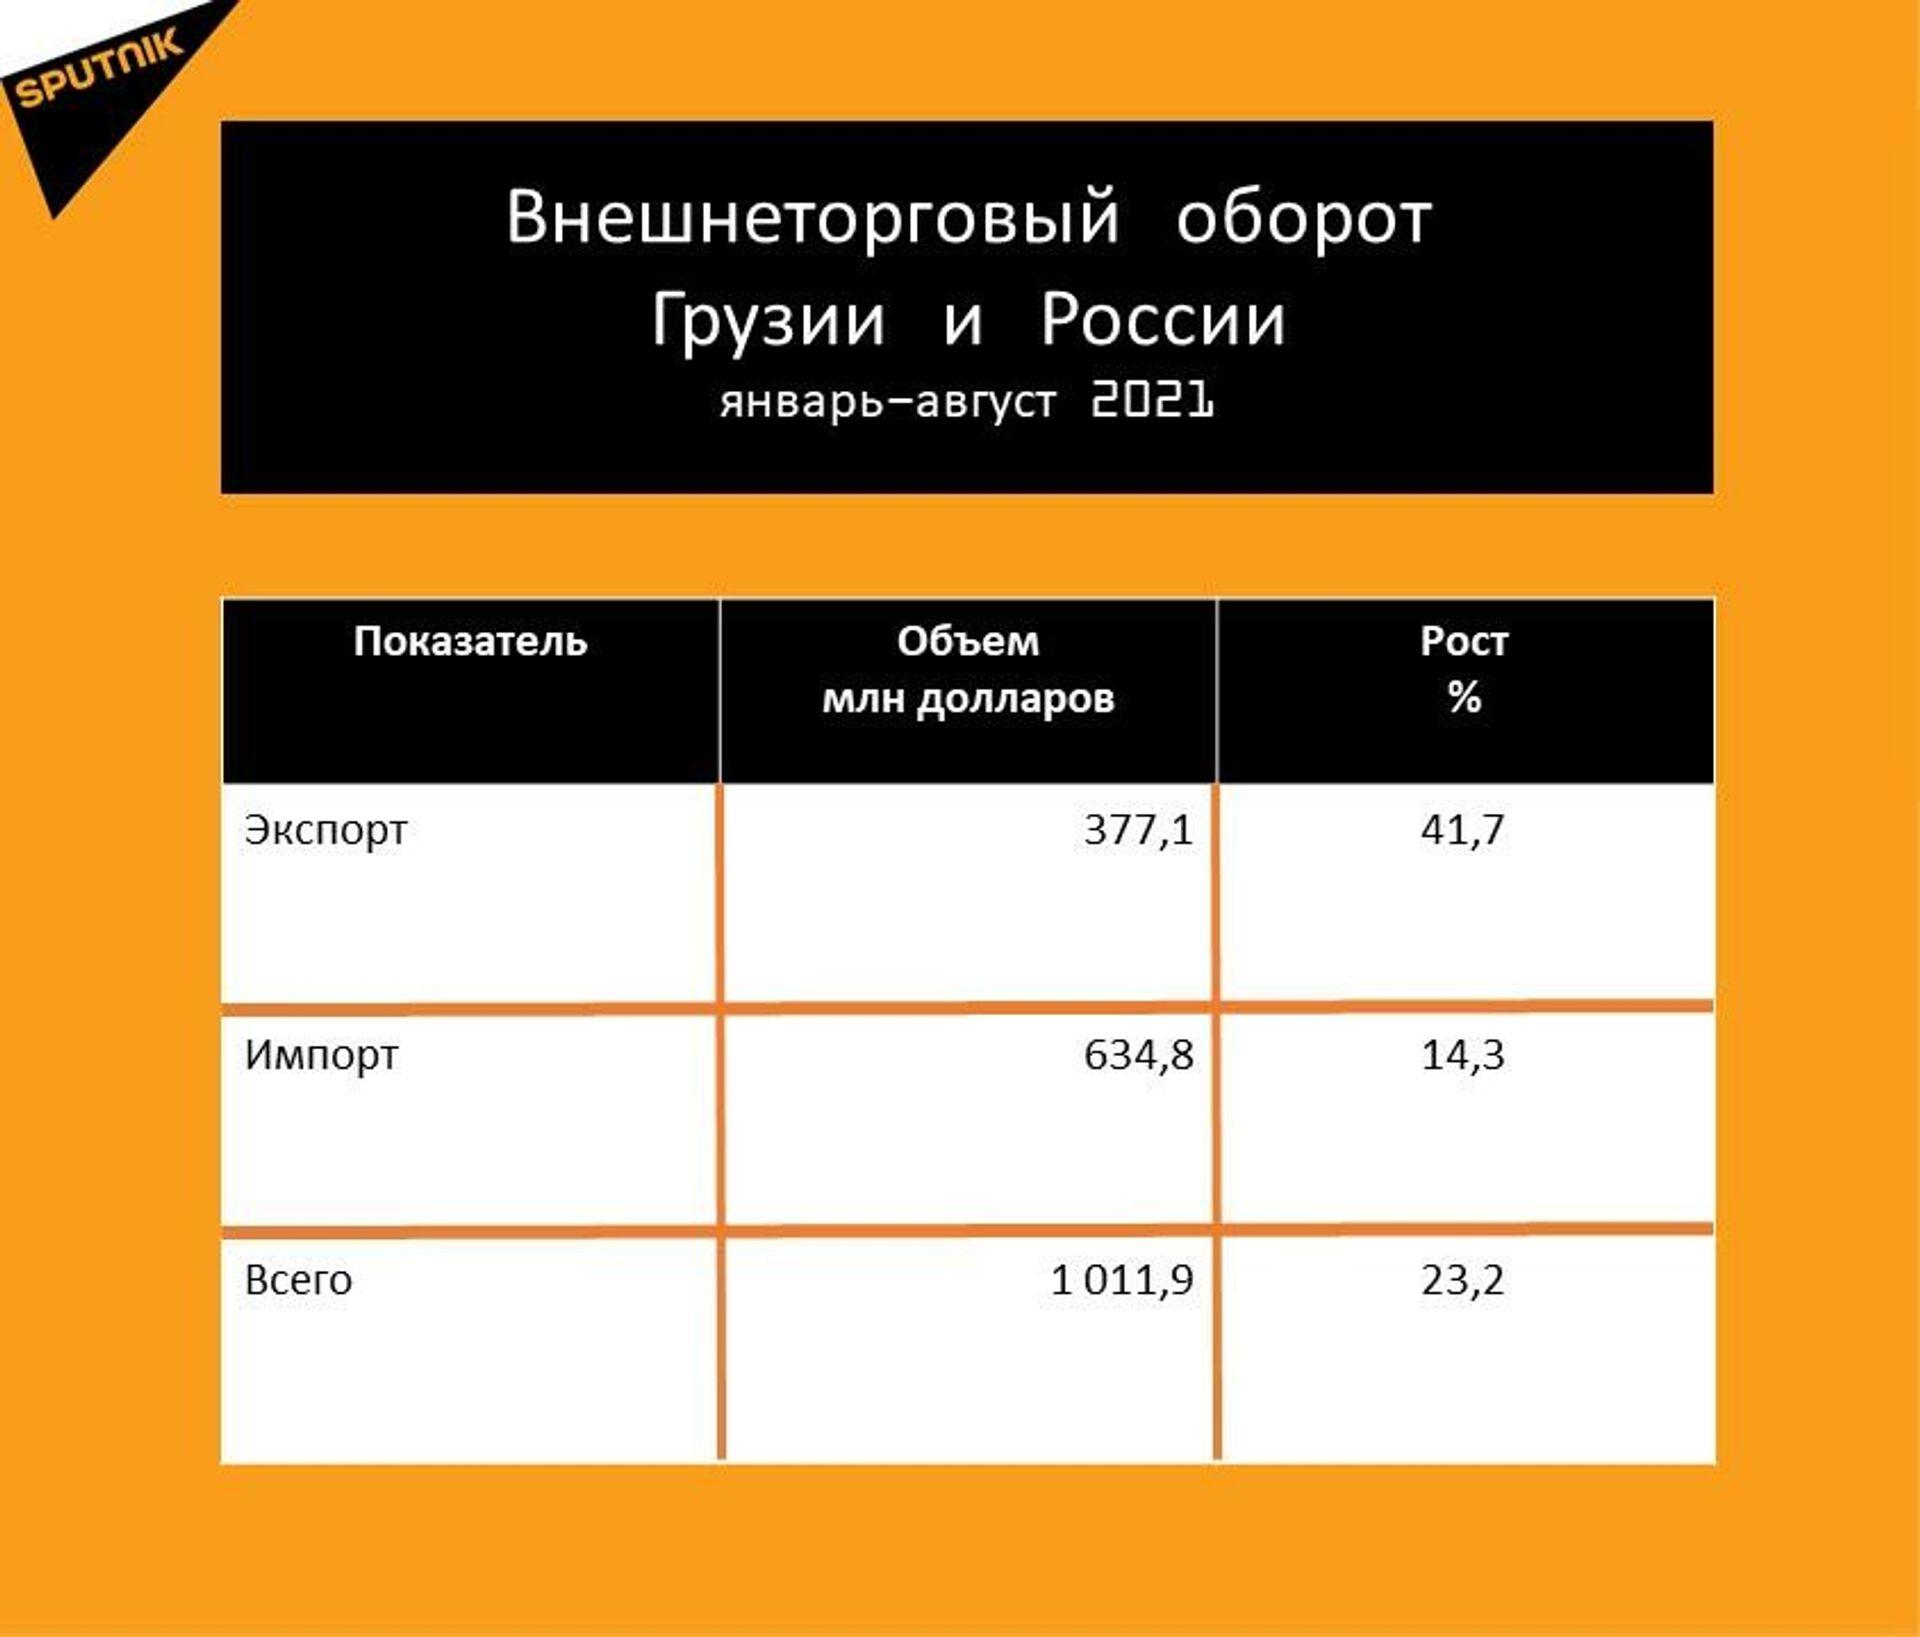 Статистика внешнеторгового оборота Грузии с Россией за январь-август 2021 года - Sputnik Грузия, 1920, 28.09.2021